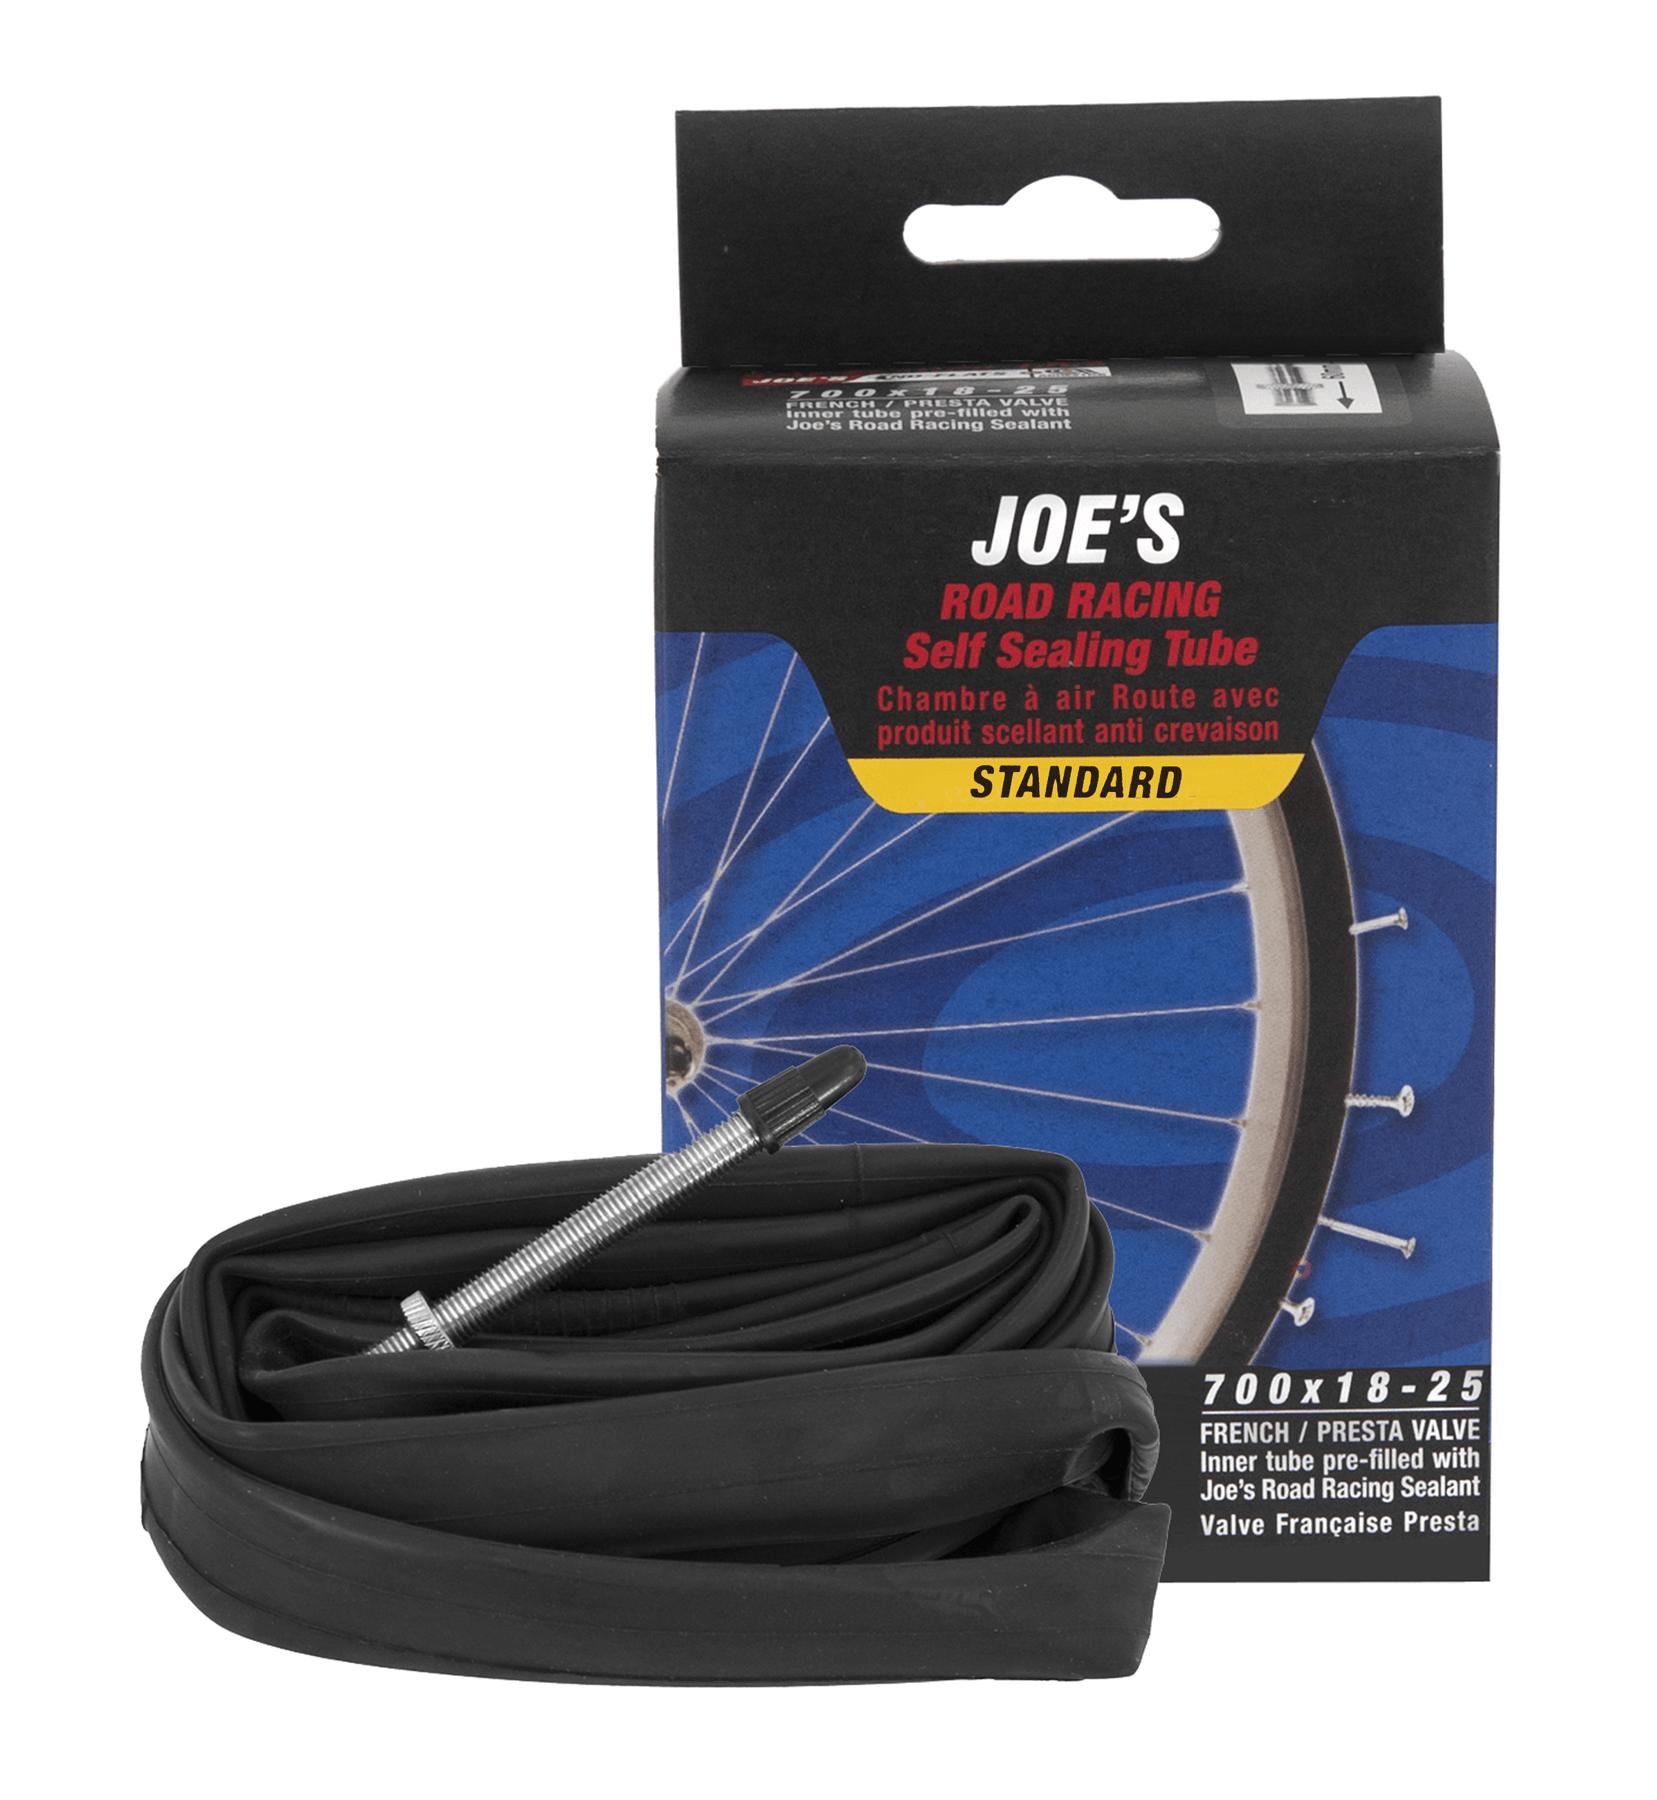 Joe's No Flats Slange med Super Sealant 700x18-25 Racer 60 MM | Slanger